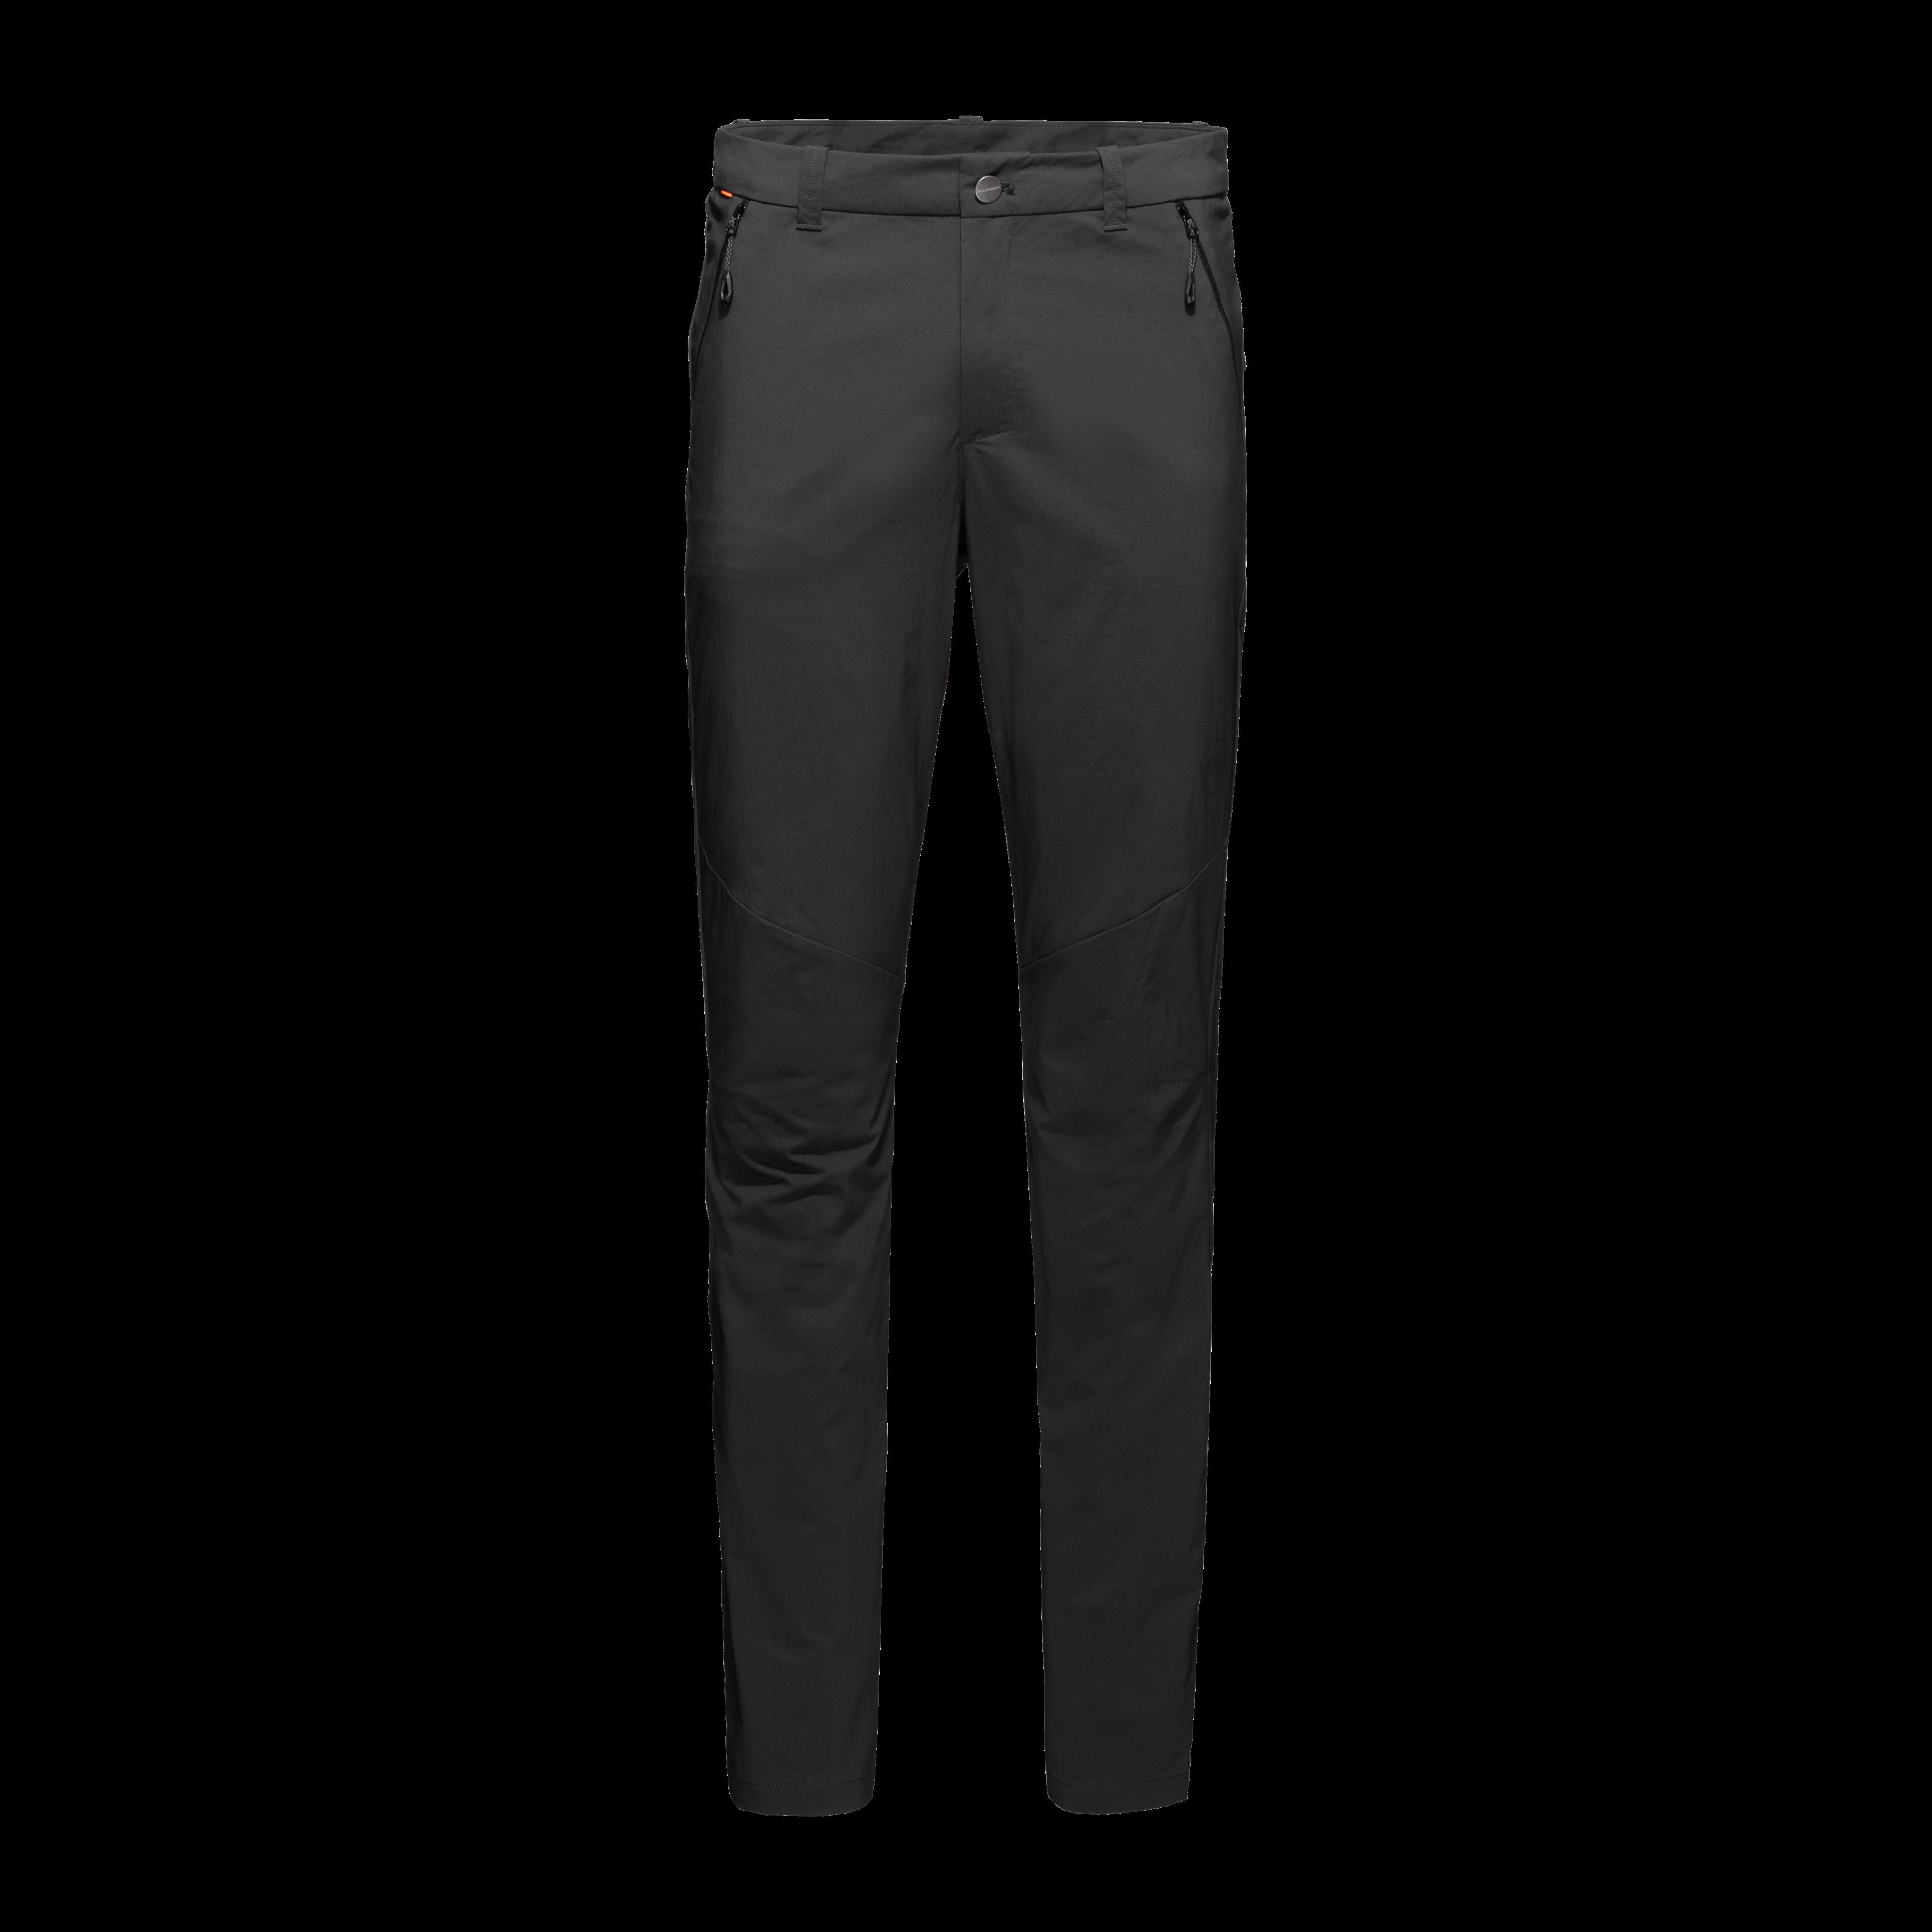 Hiking Pants RG Men - black, normal, UK 32 thumbnail